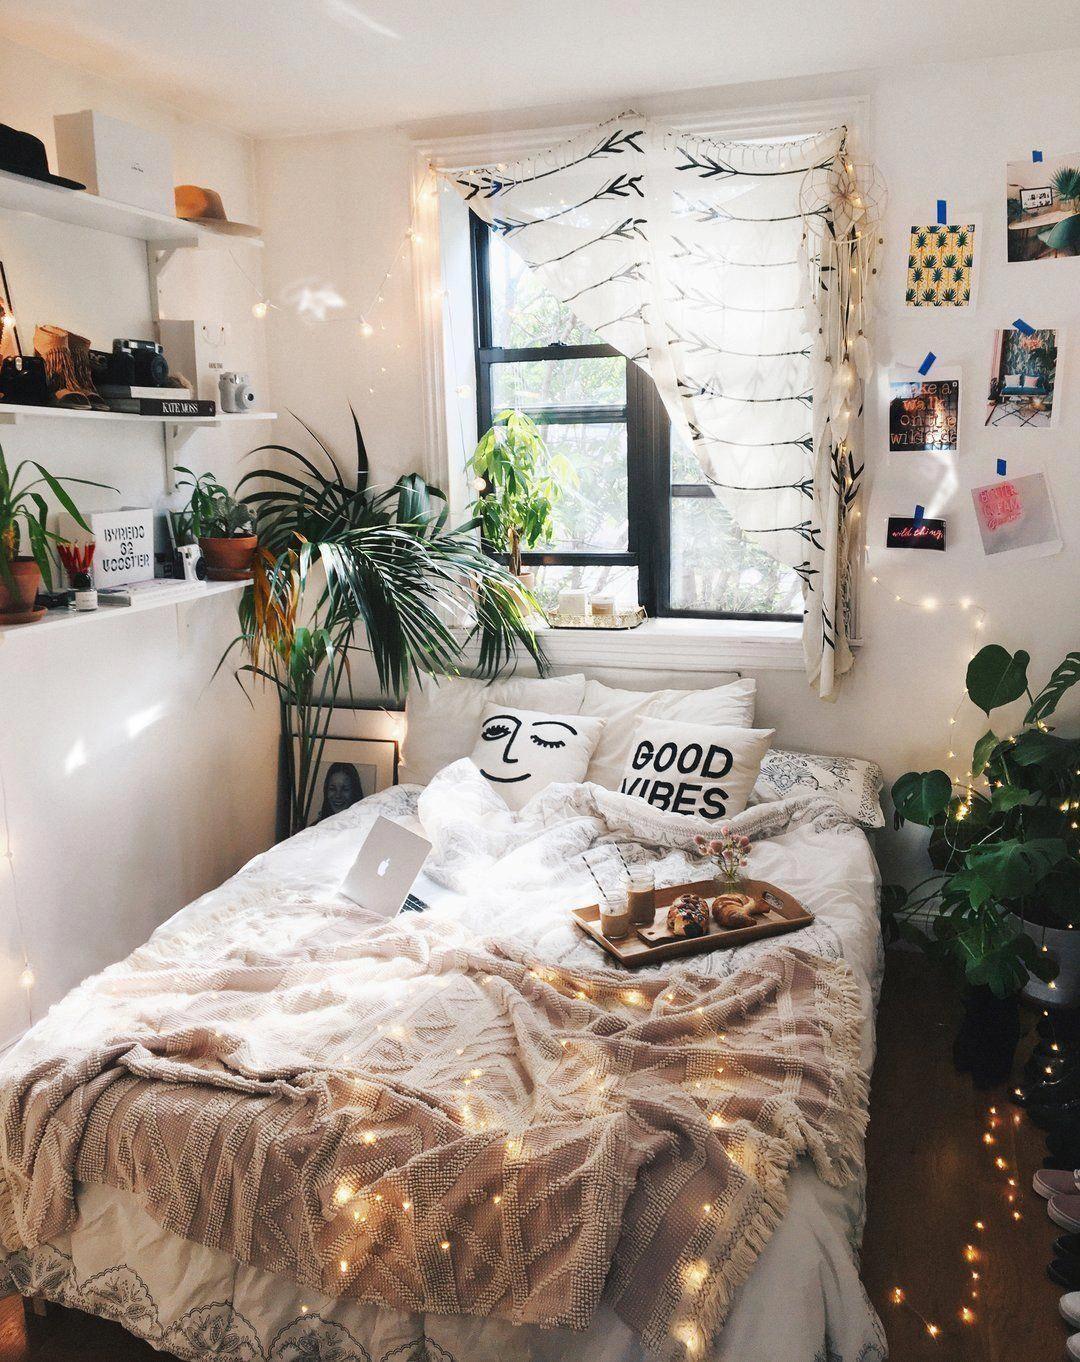 Ideas For Teen Girl Bedrooms | Home Decor Ideas